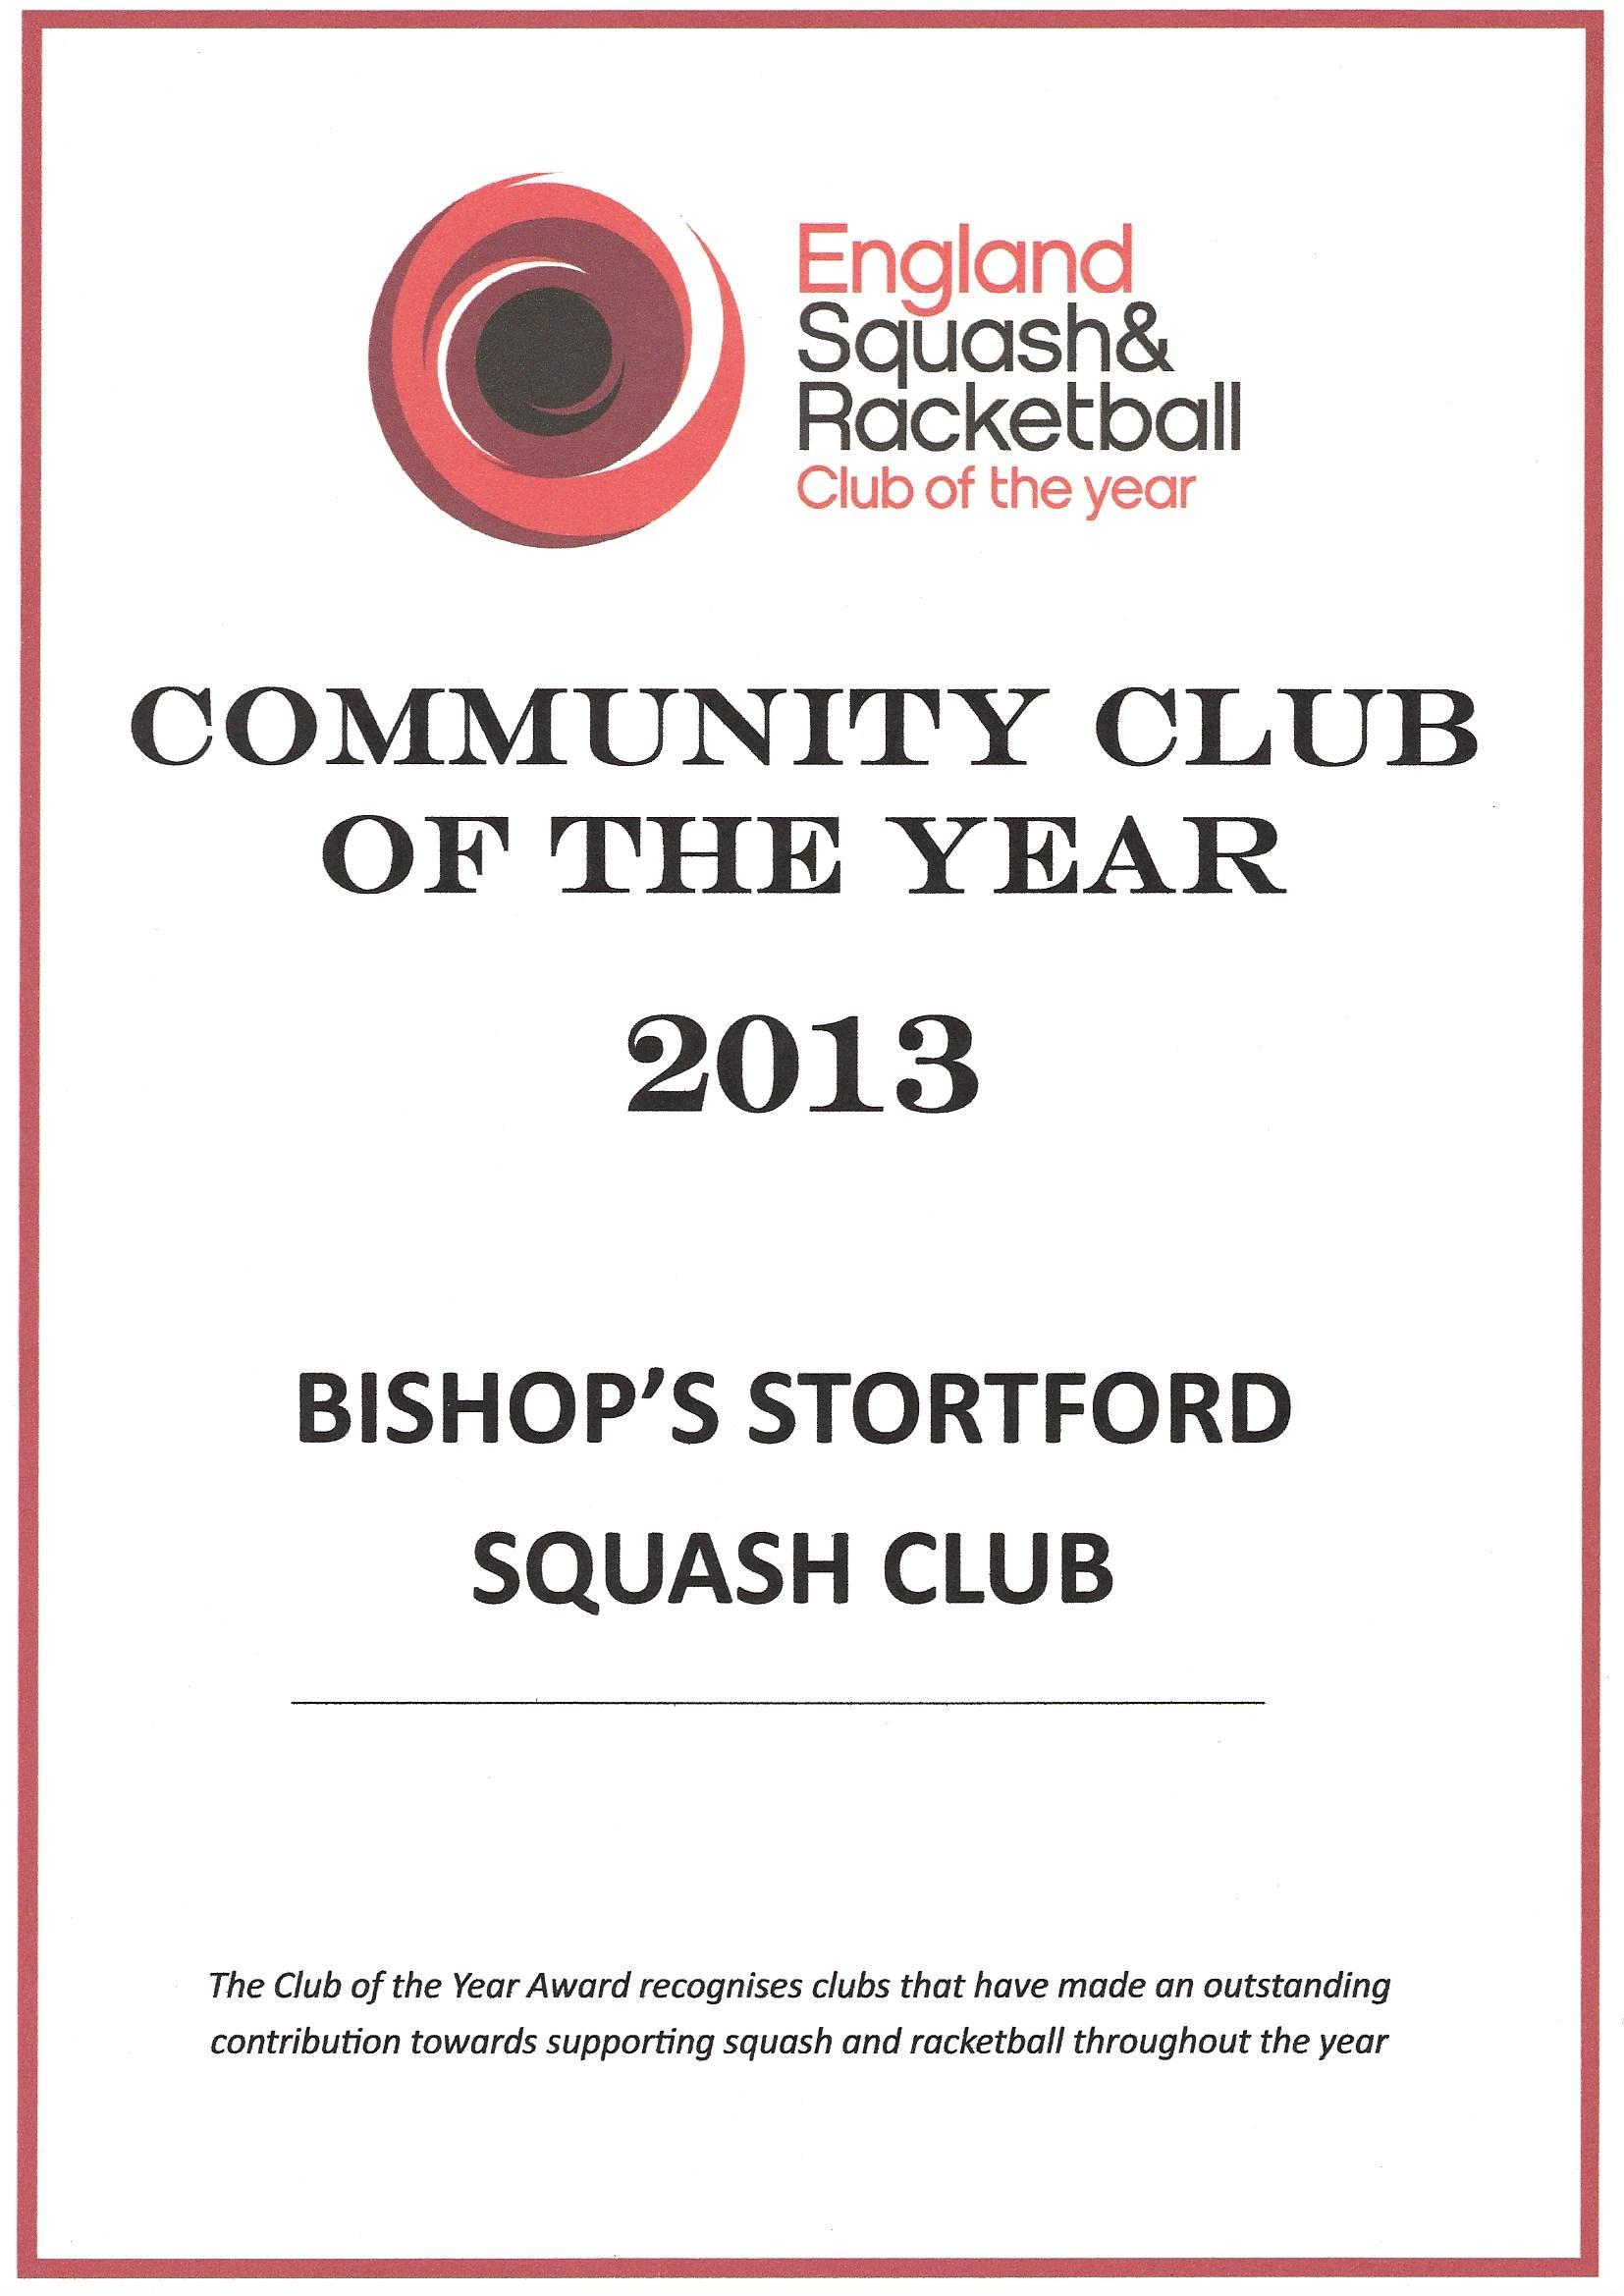 England Squash Club of Year